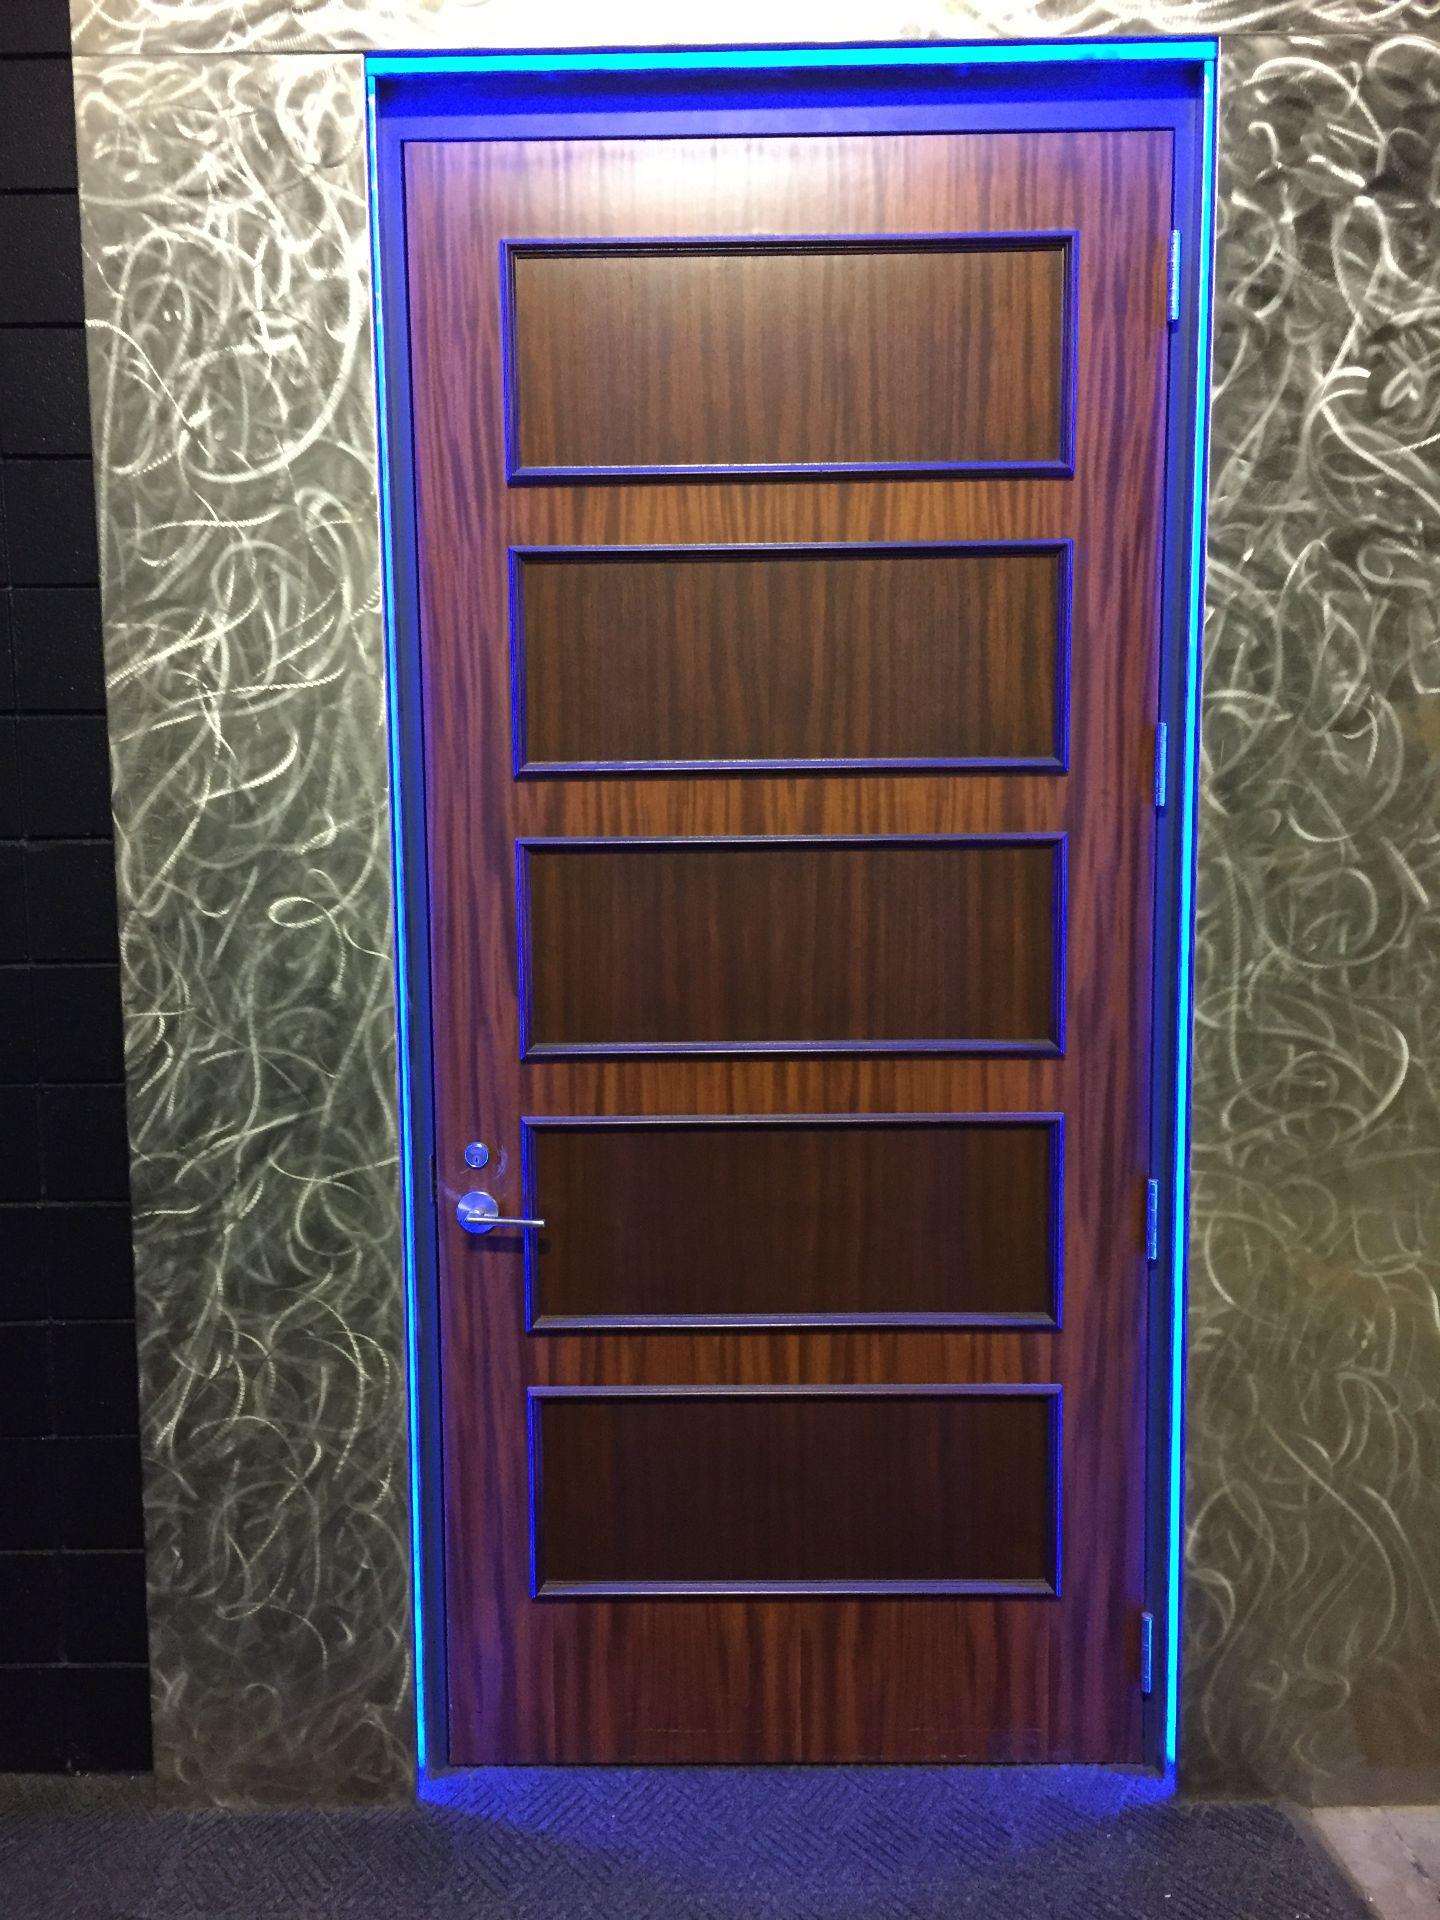 Lot 1Q - Wooden Locker Room Door, approx. 4 ft. wide x 9 ft. high.